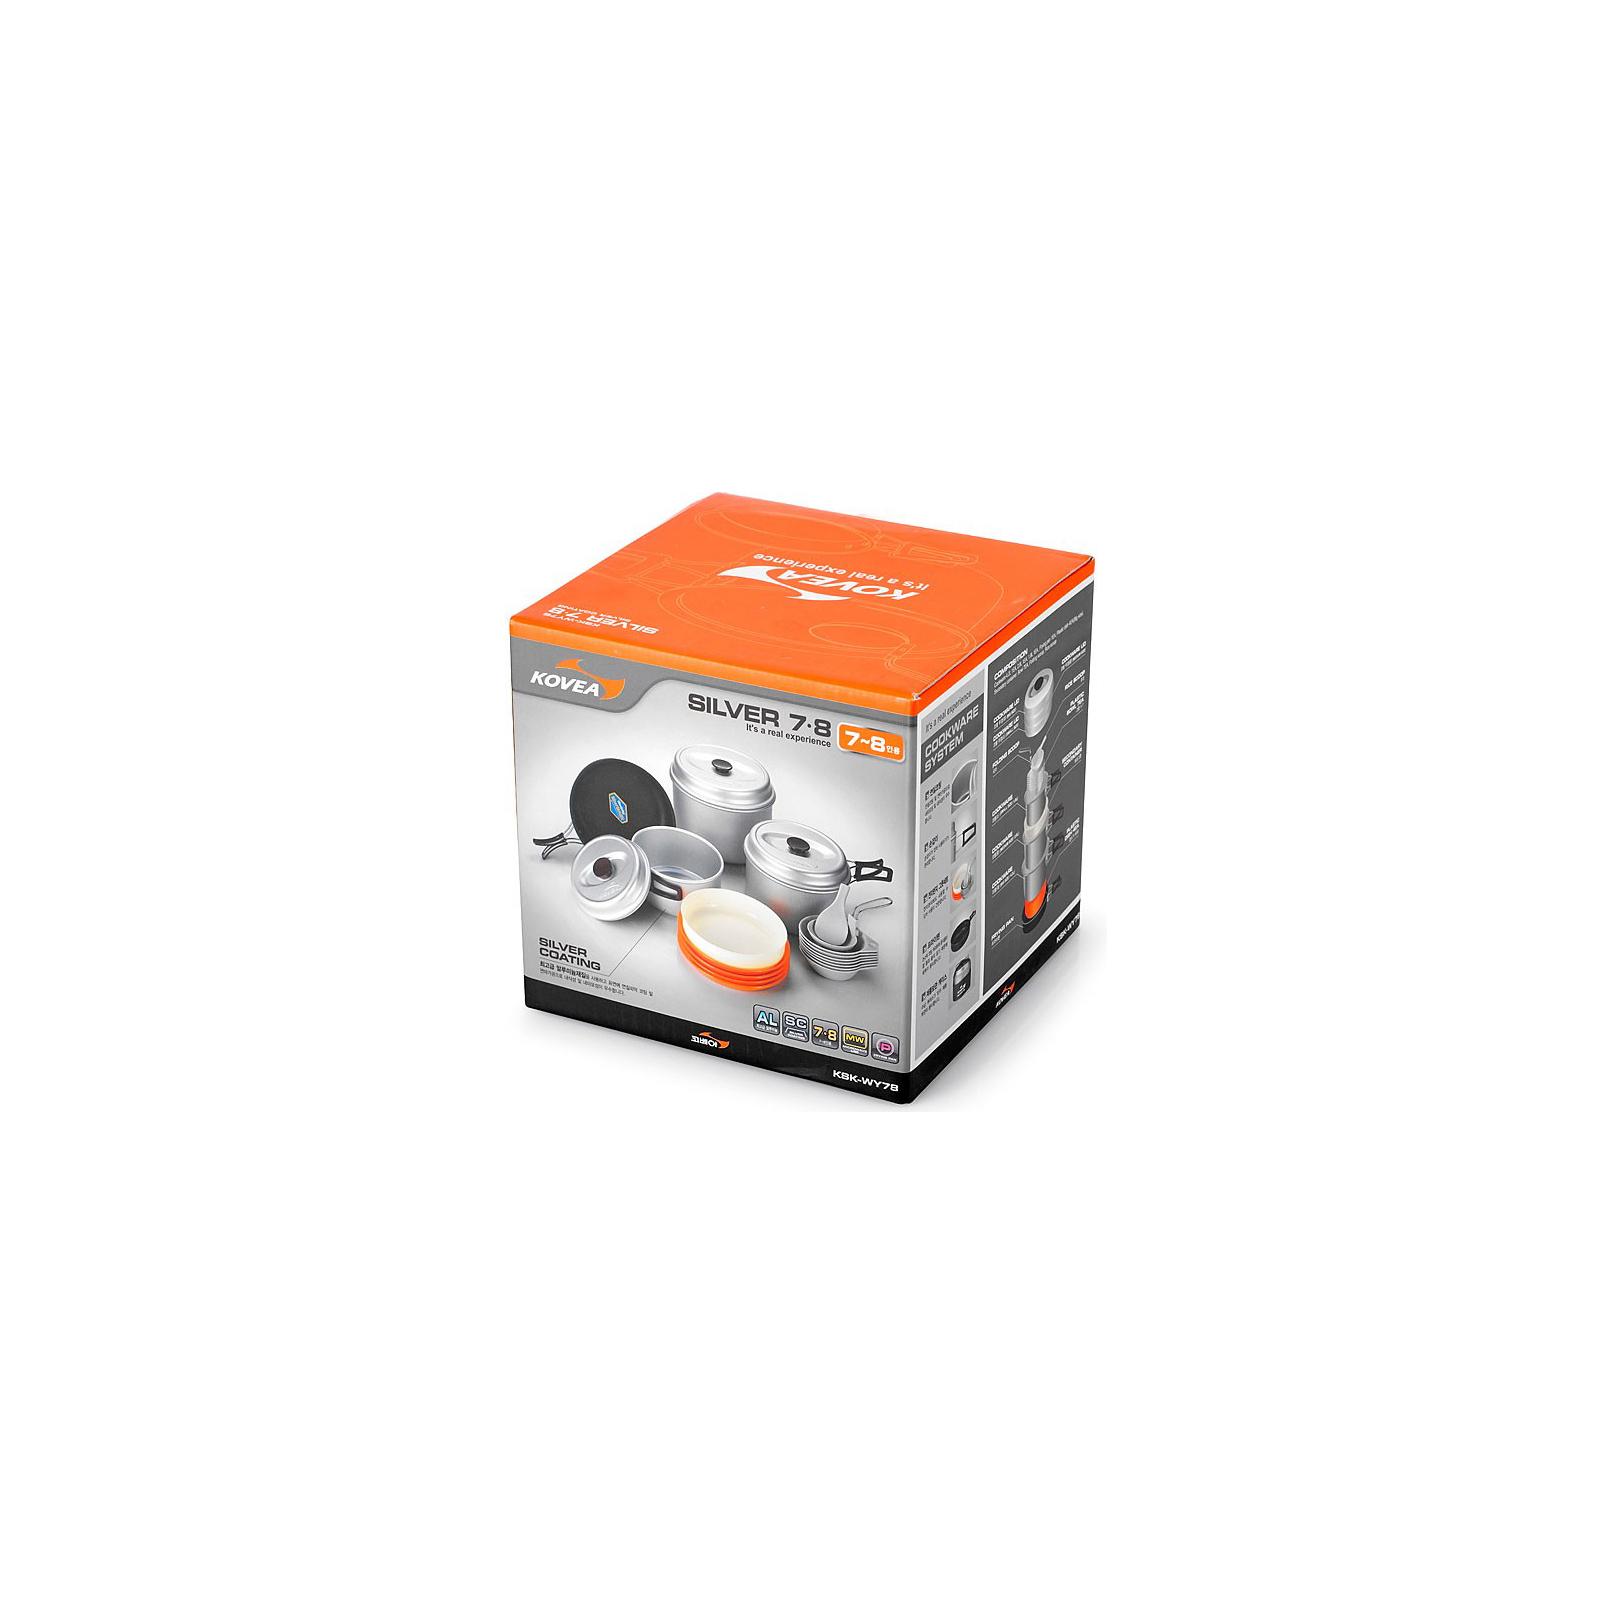 Набор туристической посуды Kovea Silver 78 KSK-WY78 (8809000508460) изображение 4